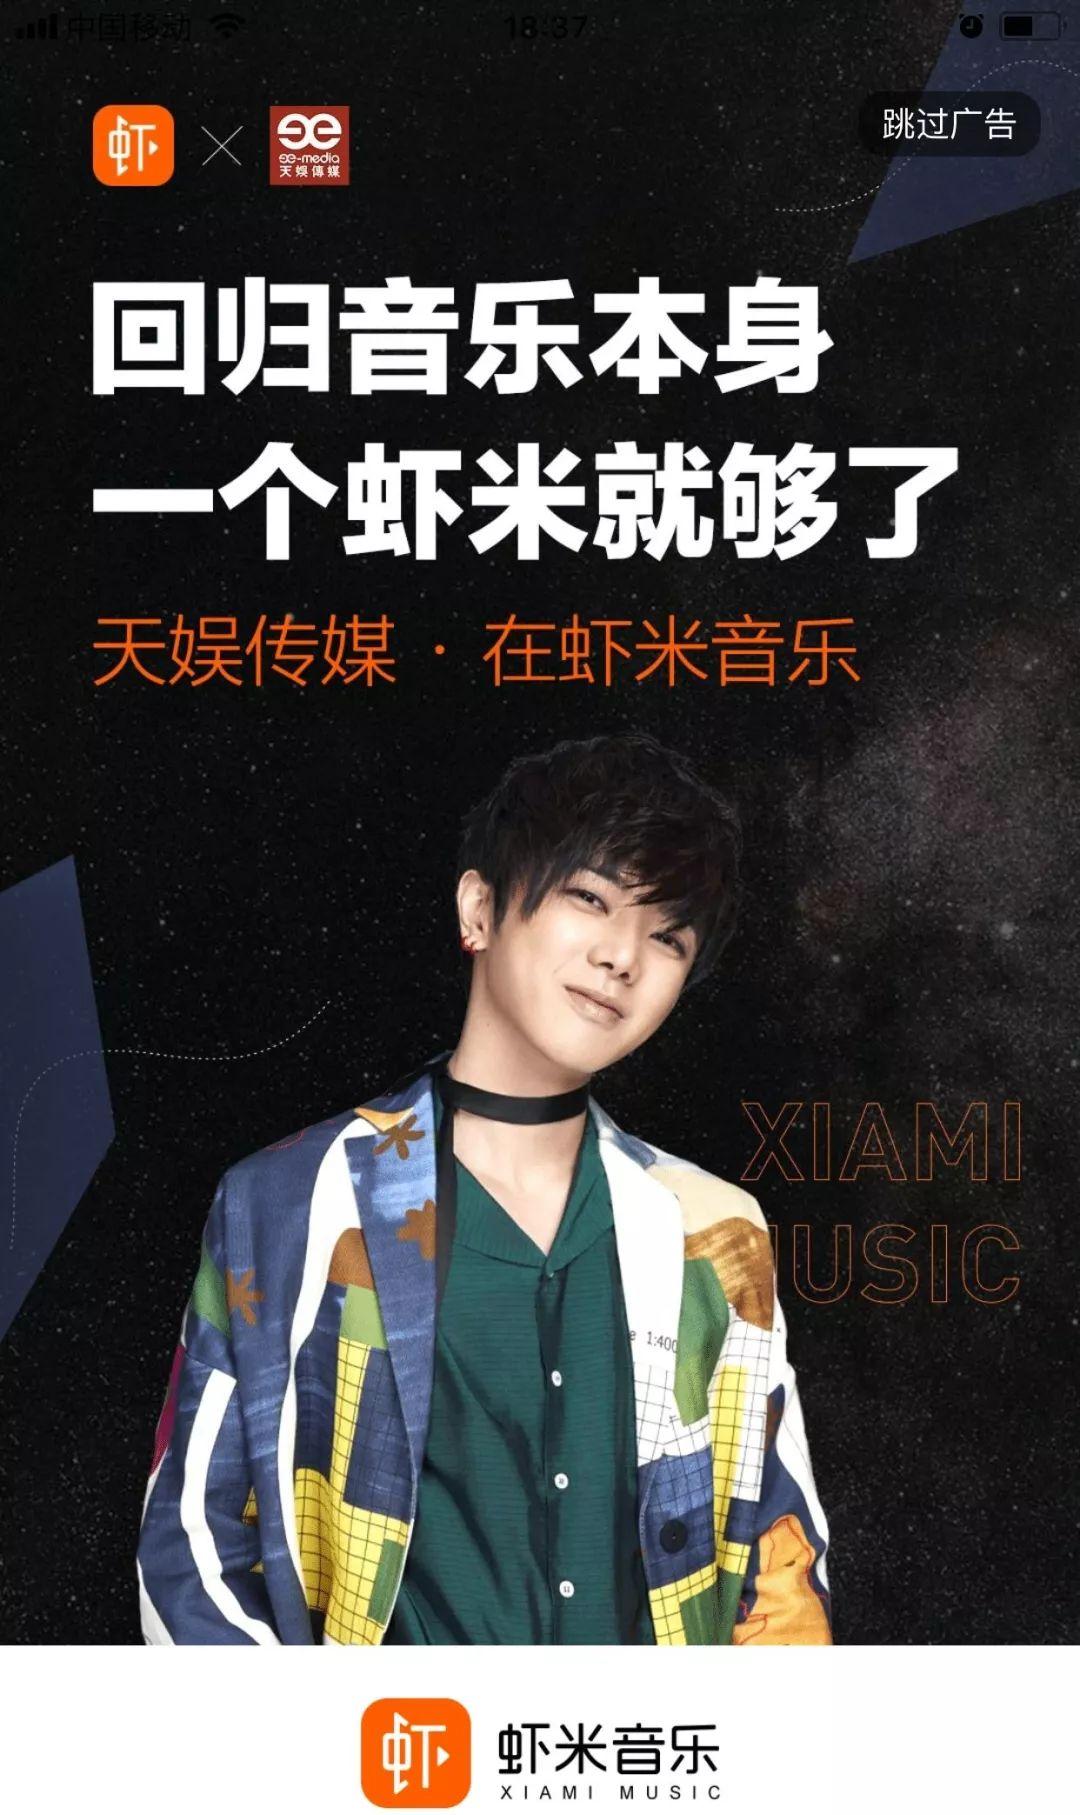 虾米音乐宣传海报